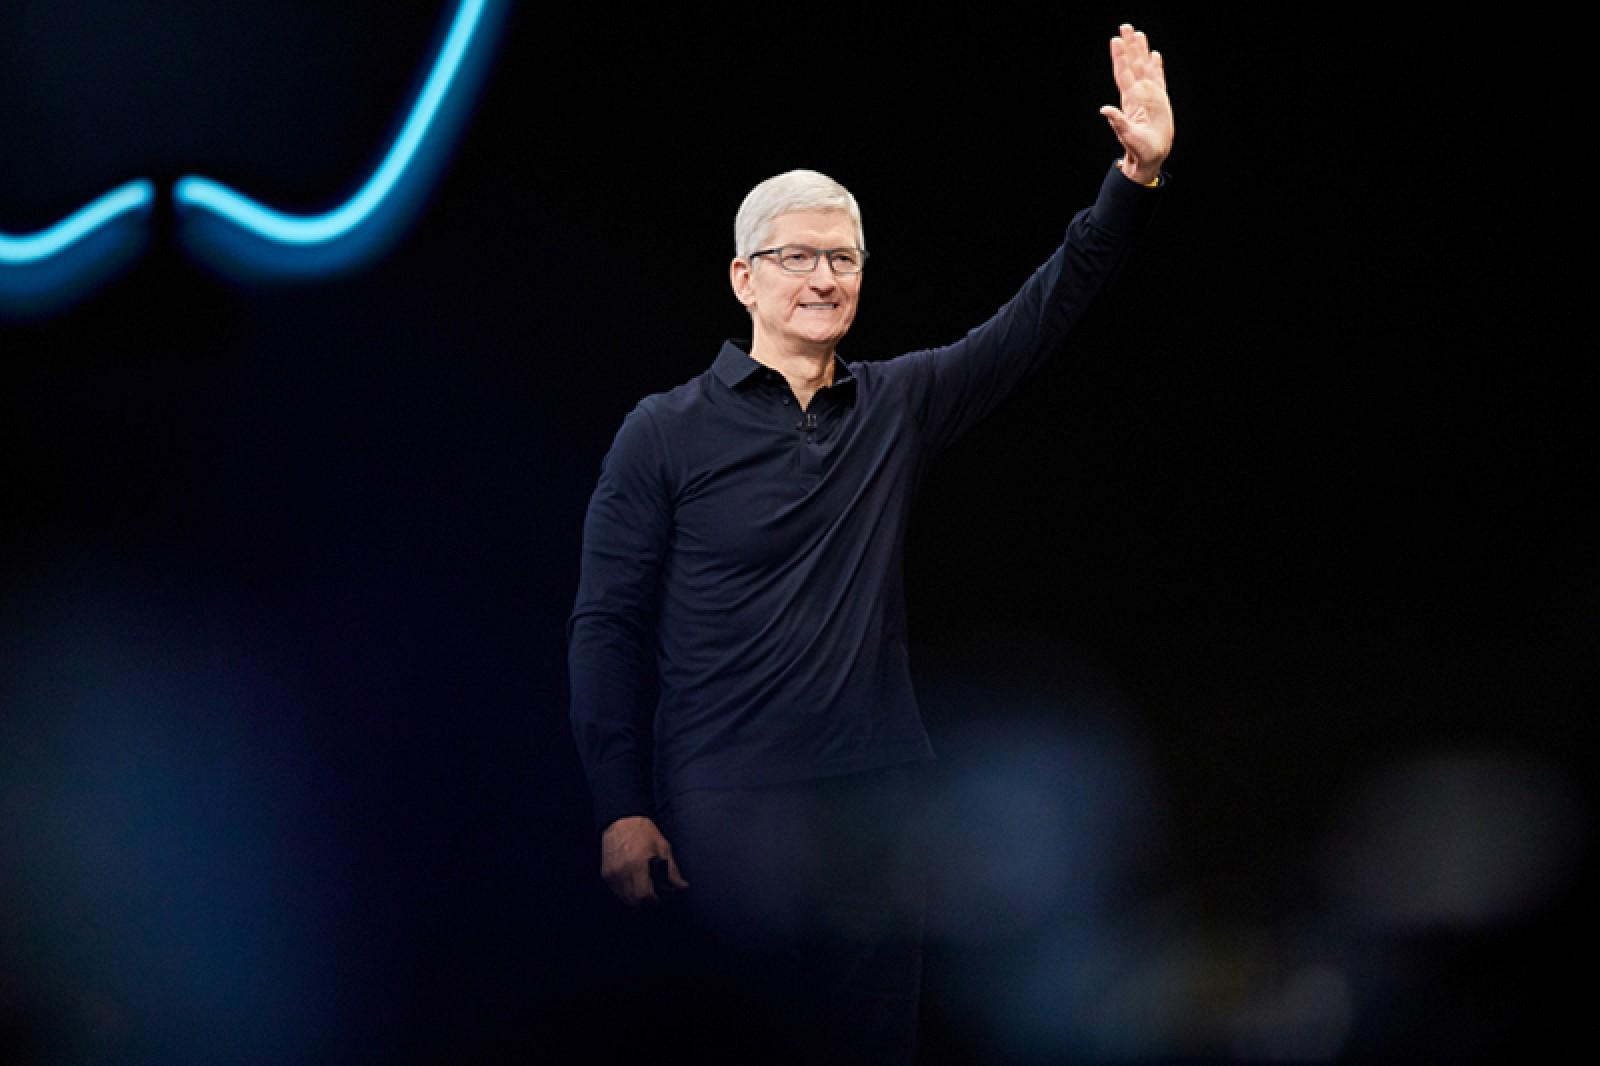 """El CEO de Apple, Tim Cook, recibirá el """"Premio Campeón"""" por su compromiso continuo con los derechos LGBTQ"""